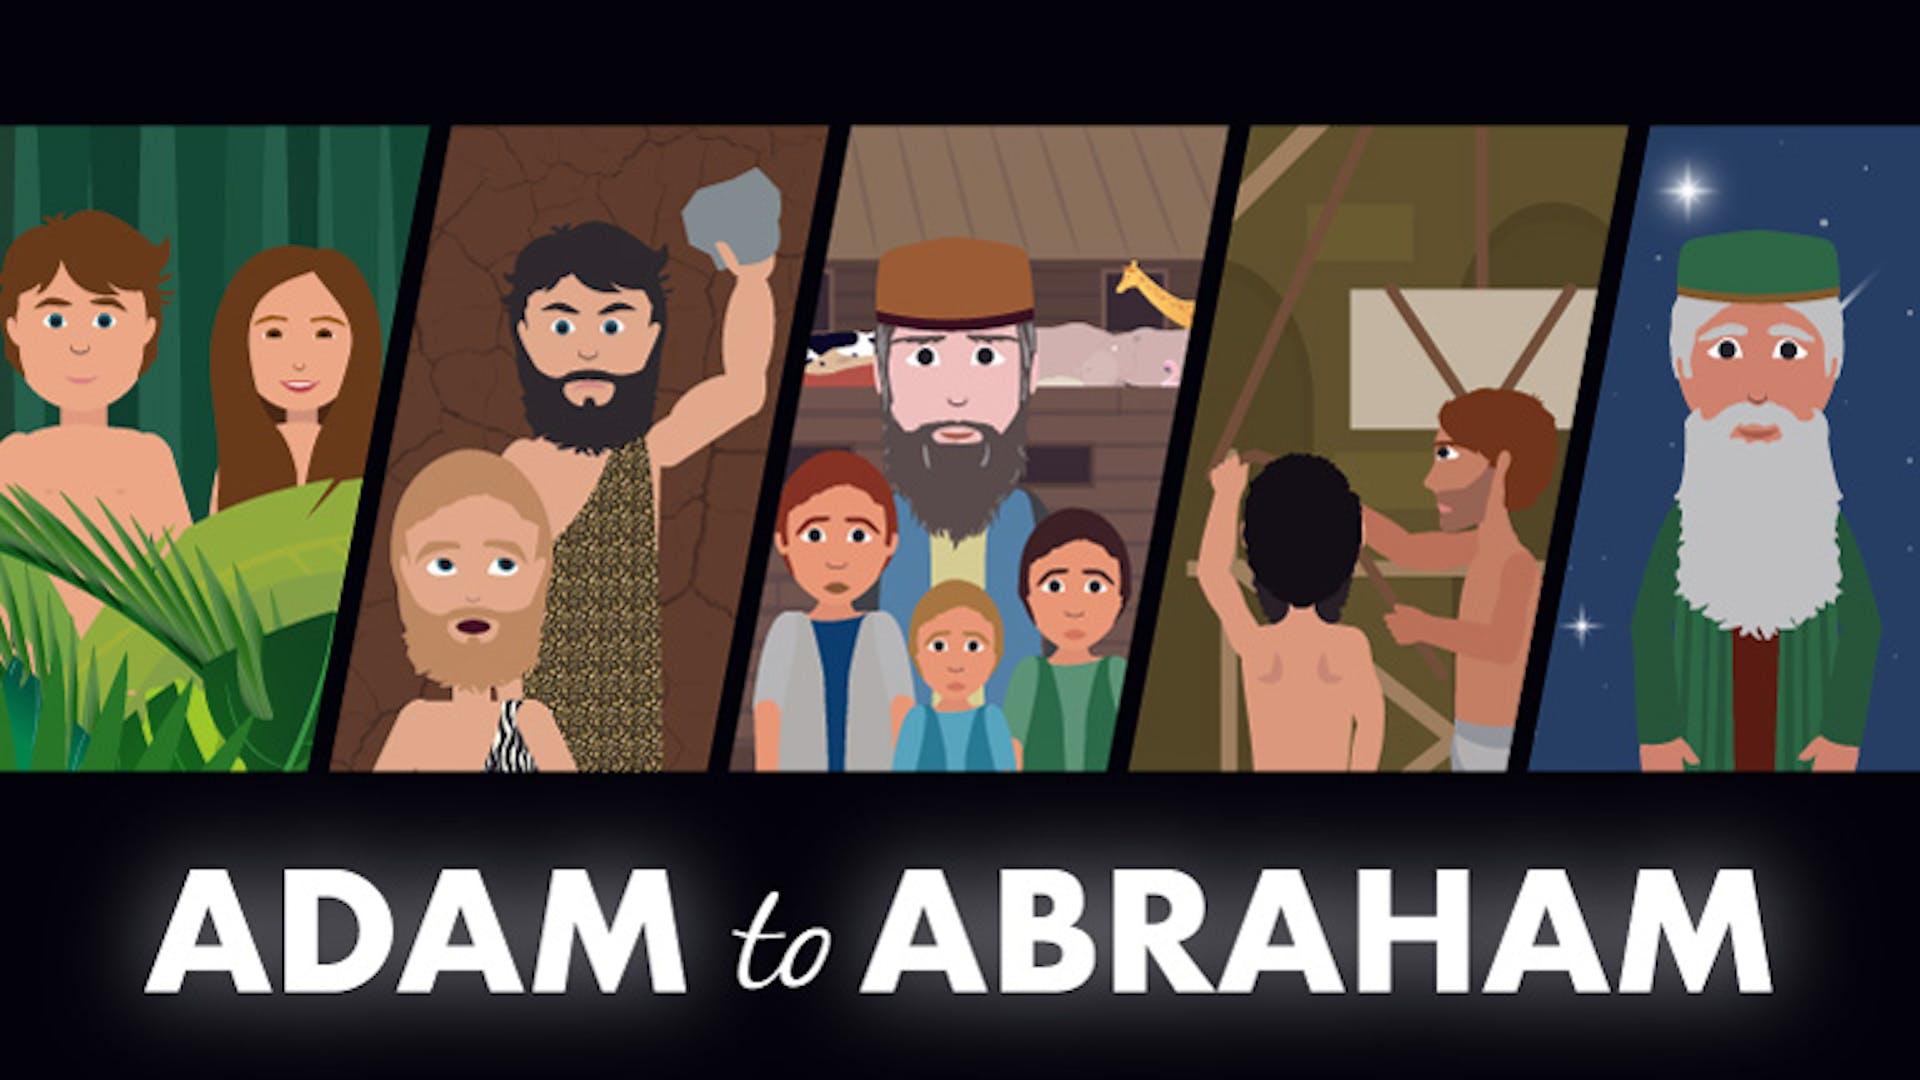 Adam Noah Genesis history